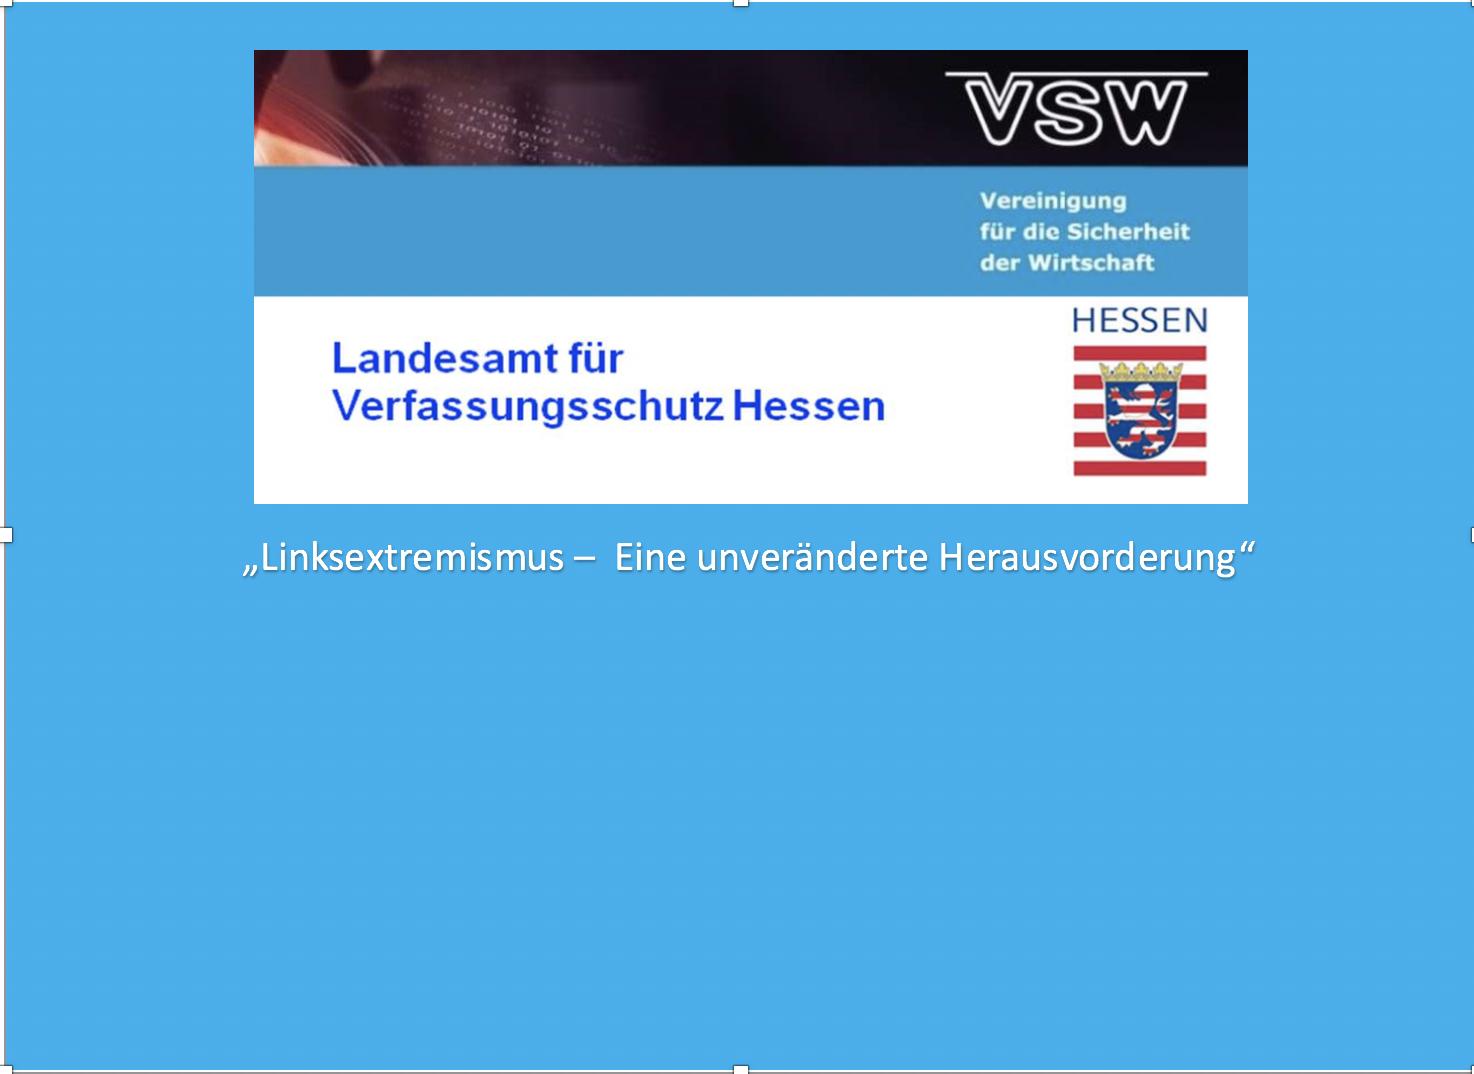 4. Veranstaltung des LfV Hessen – VSW e.V. mit Unterstützung durch KRAISS WILKE & KOLLEGEN